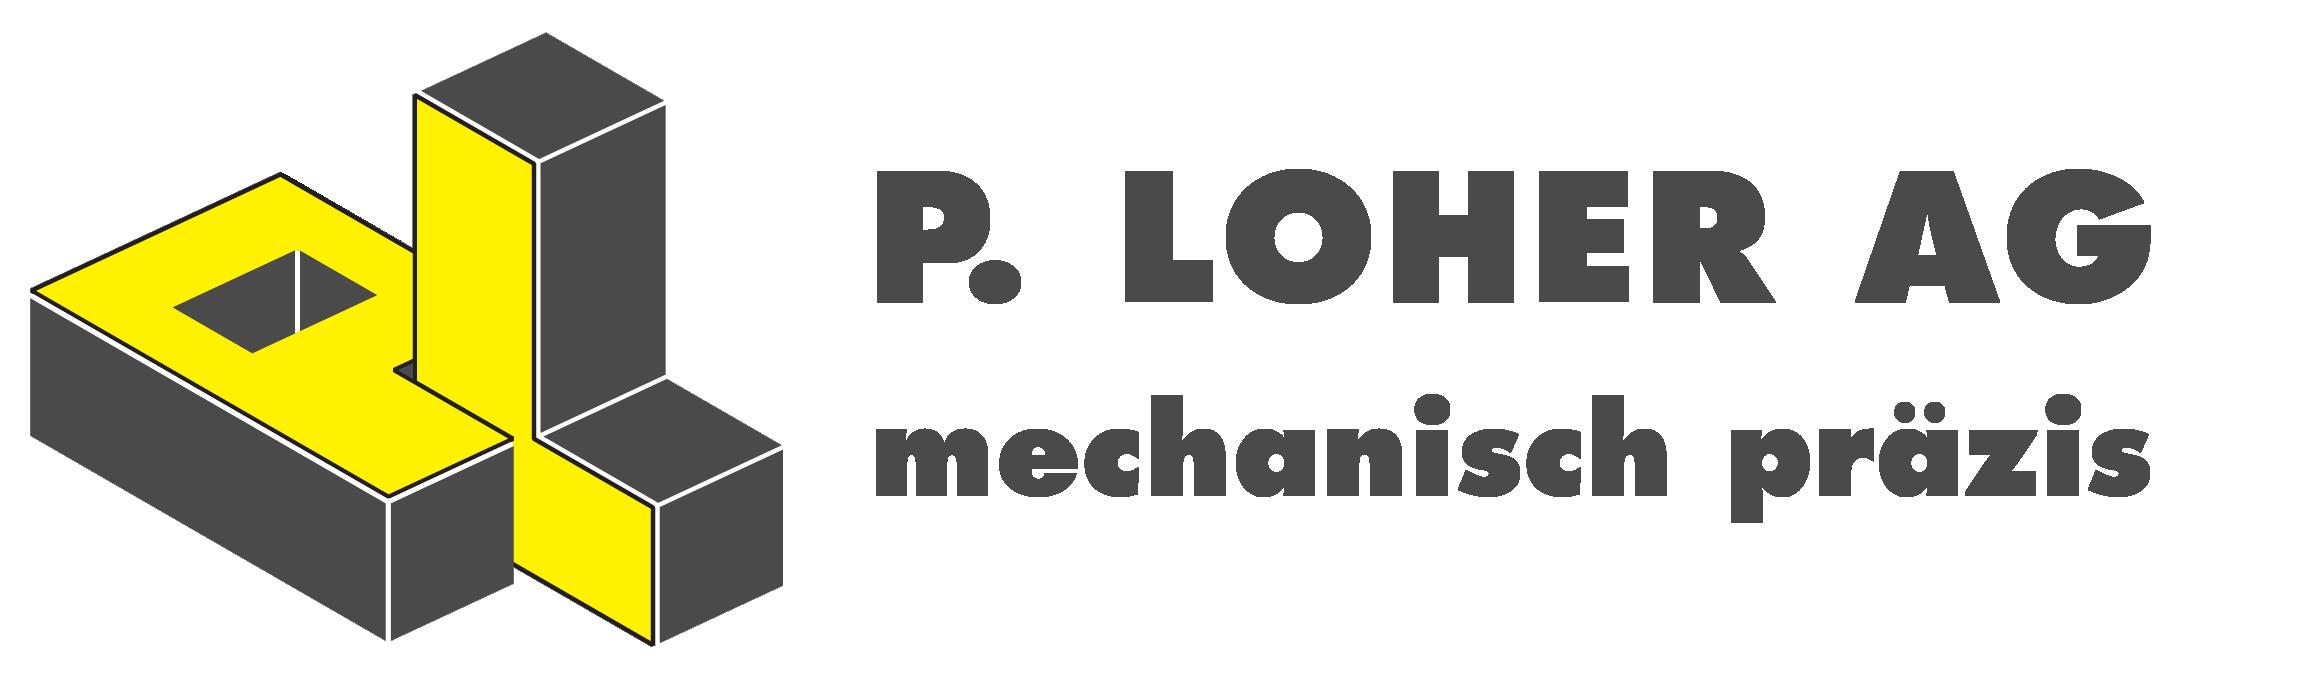 P. Loher AG